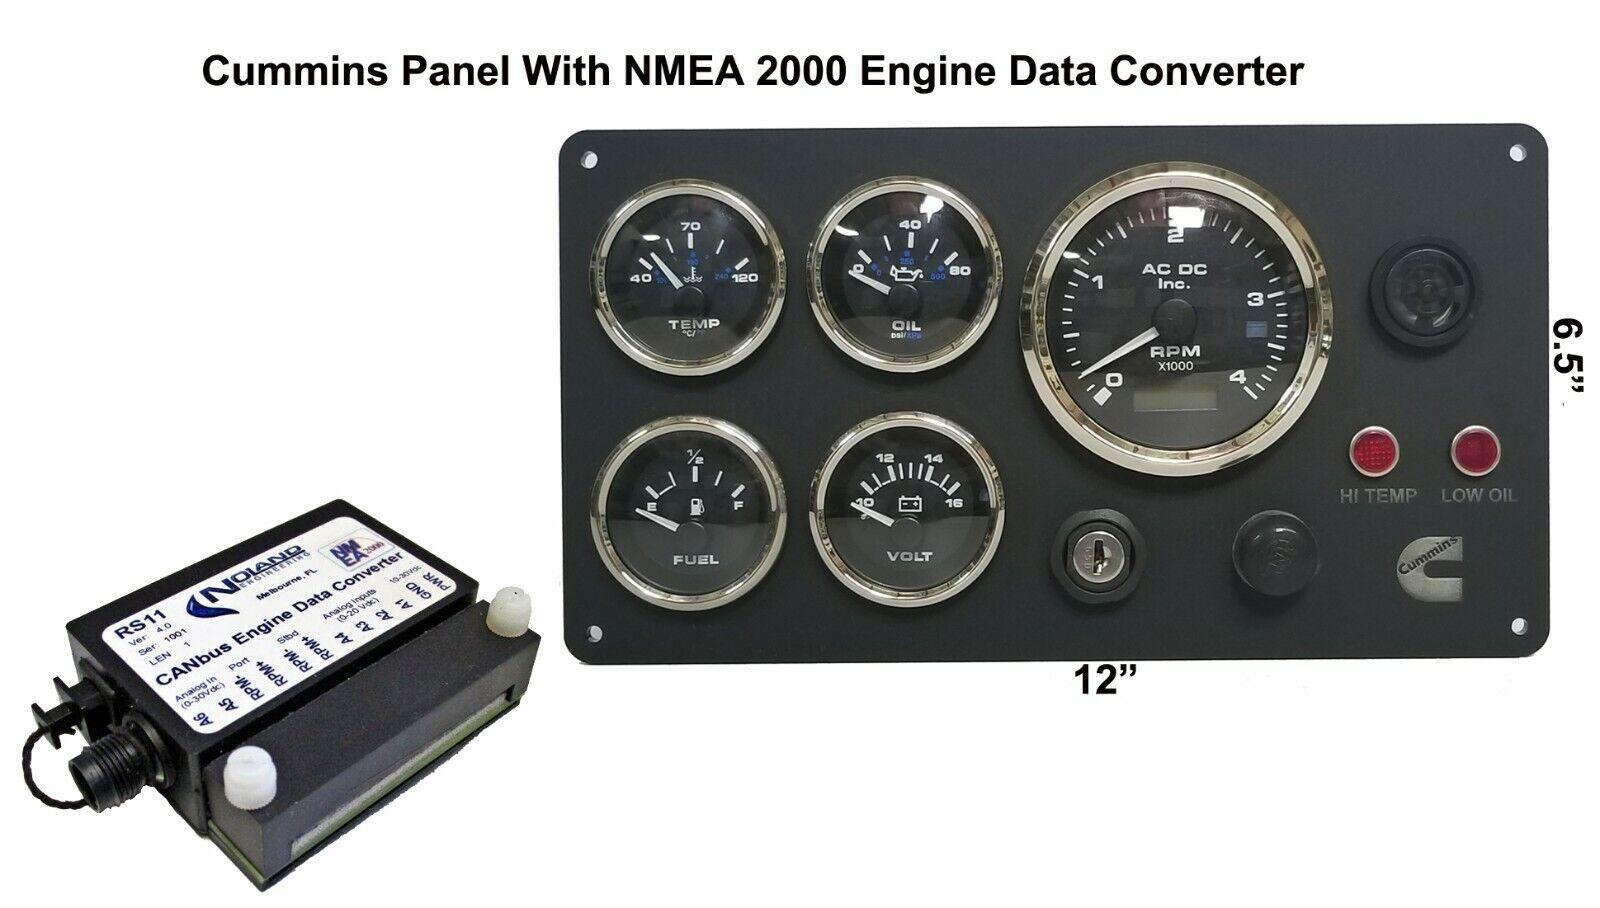 Cummins Marine Instrument Panel mit Nmea 2000 Motor Daten KonGrüner Paket